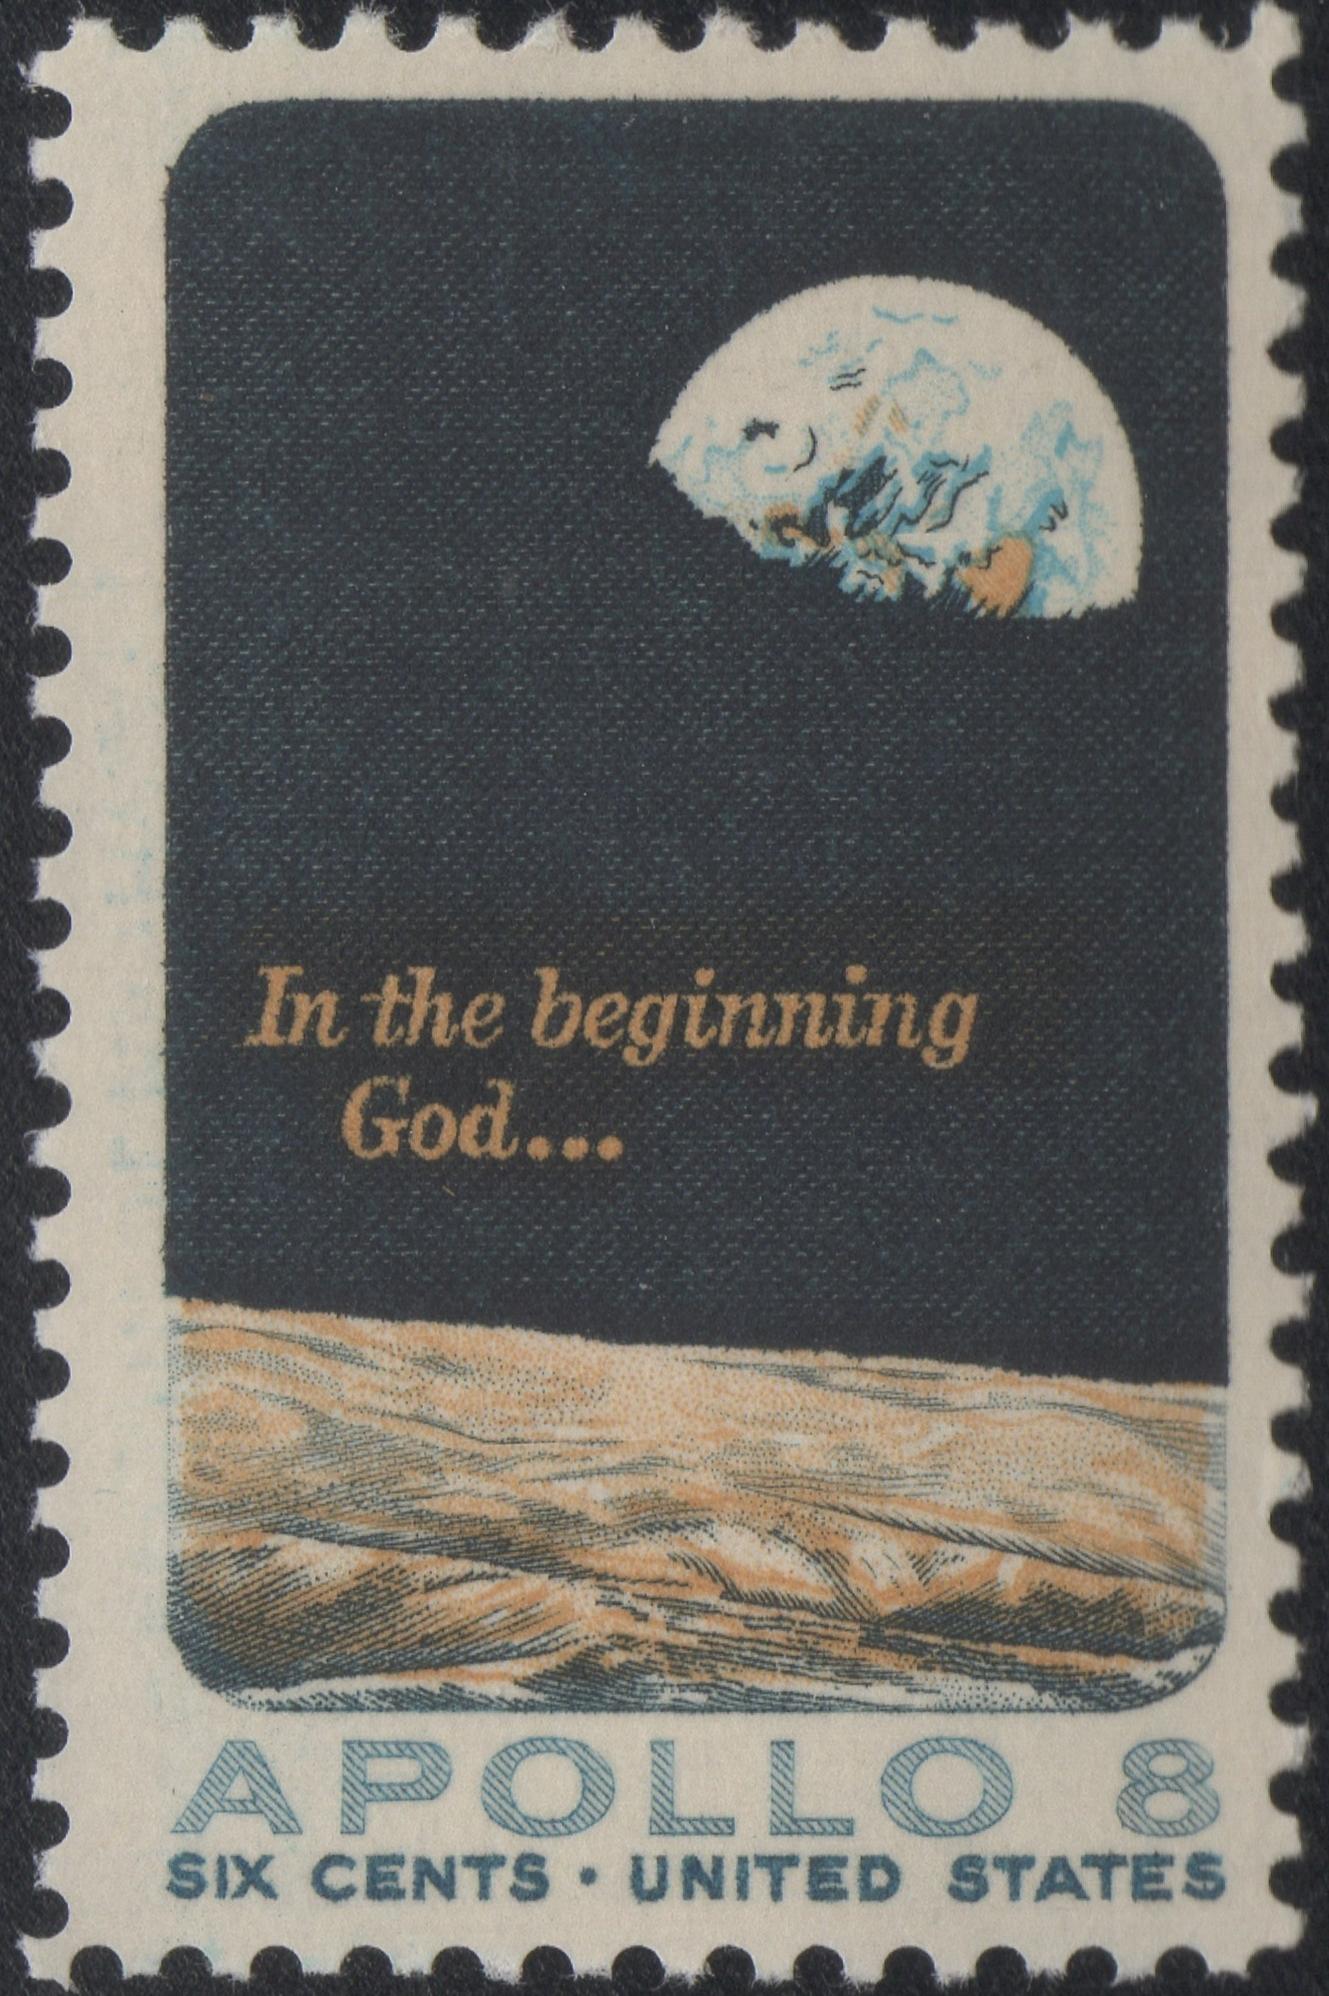 United States - Scott #1371 (1969)